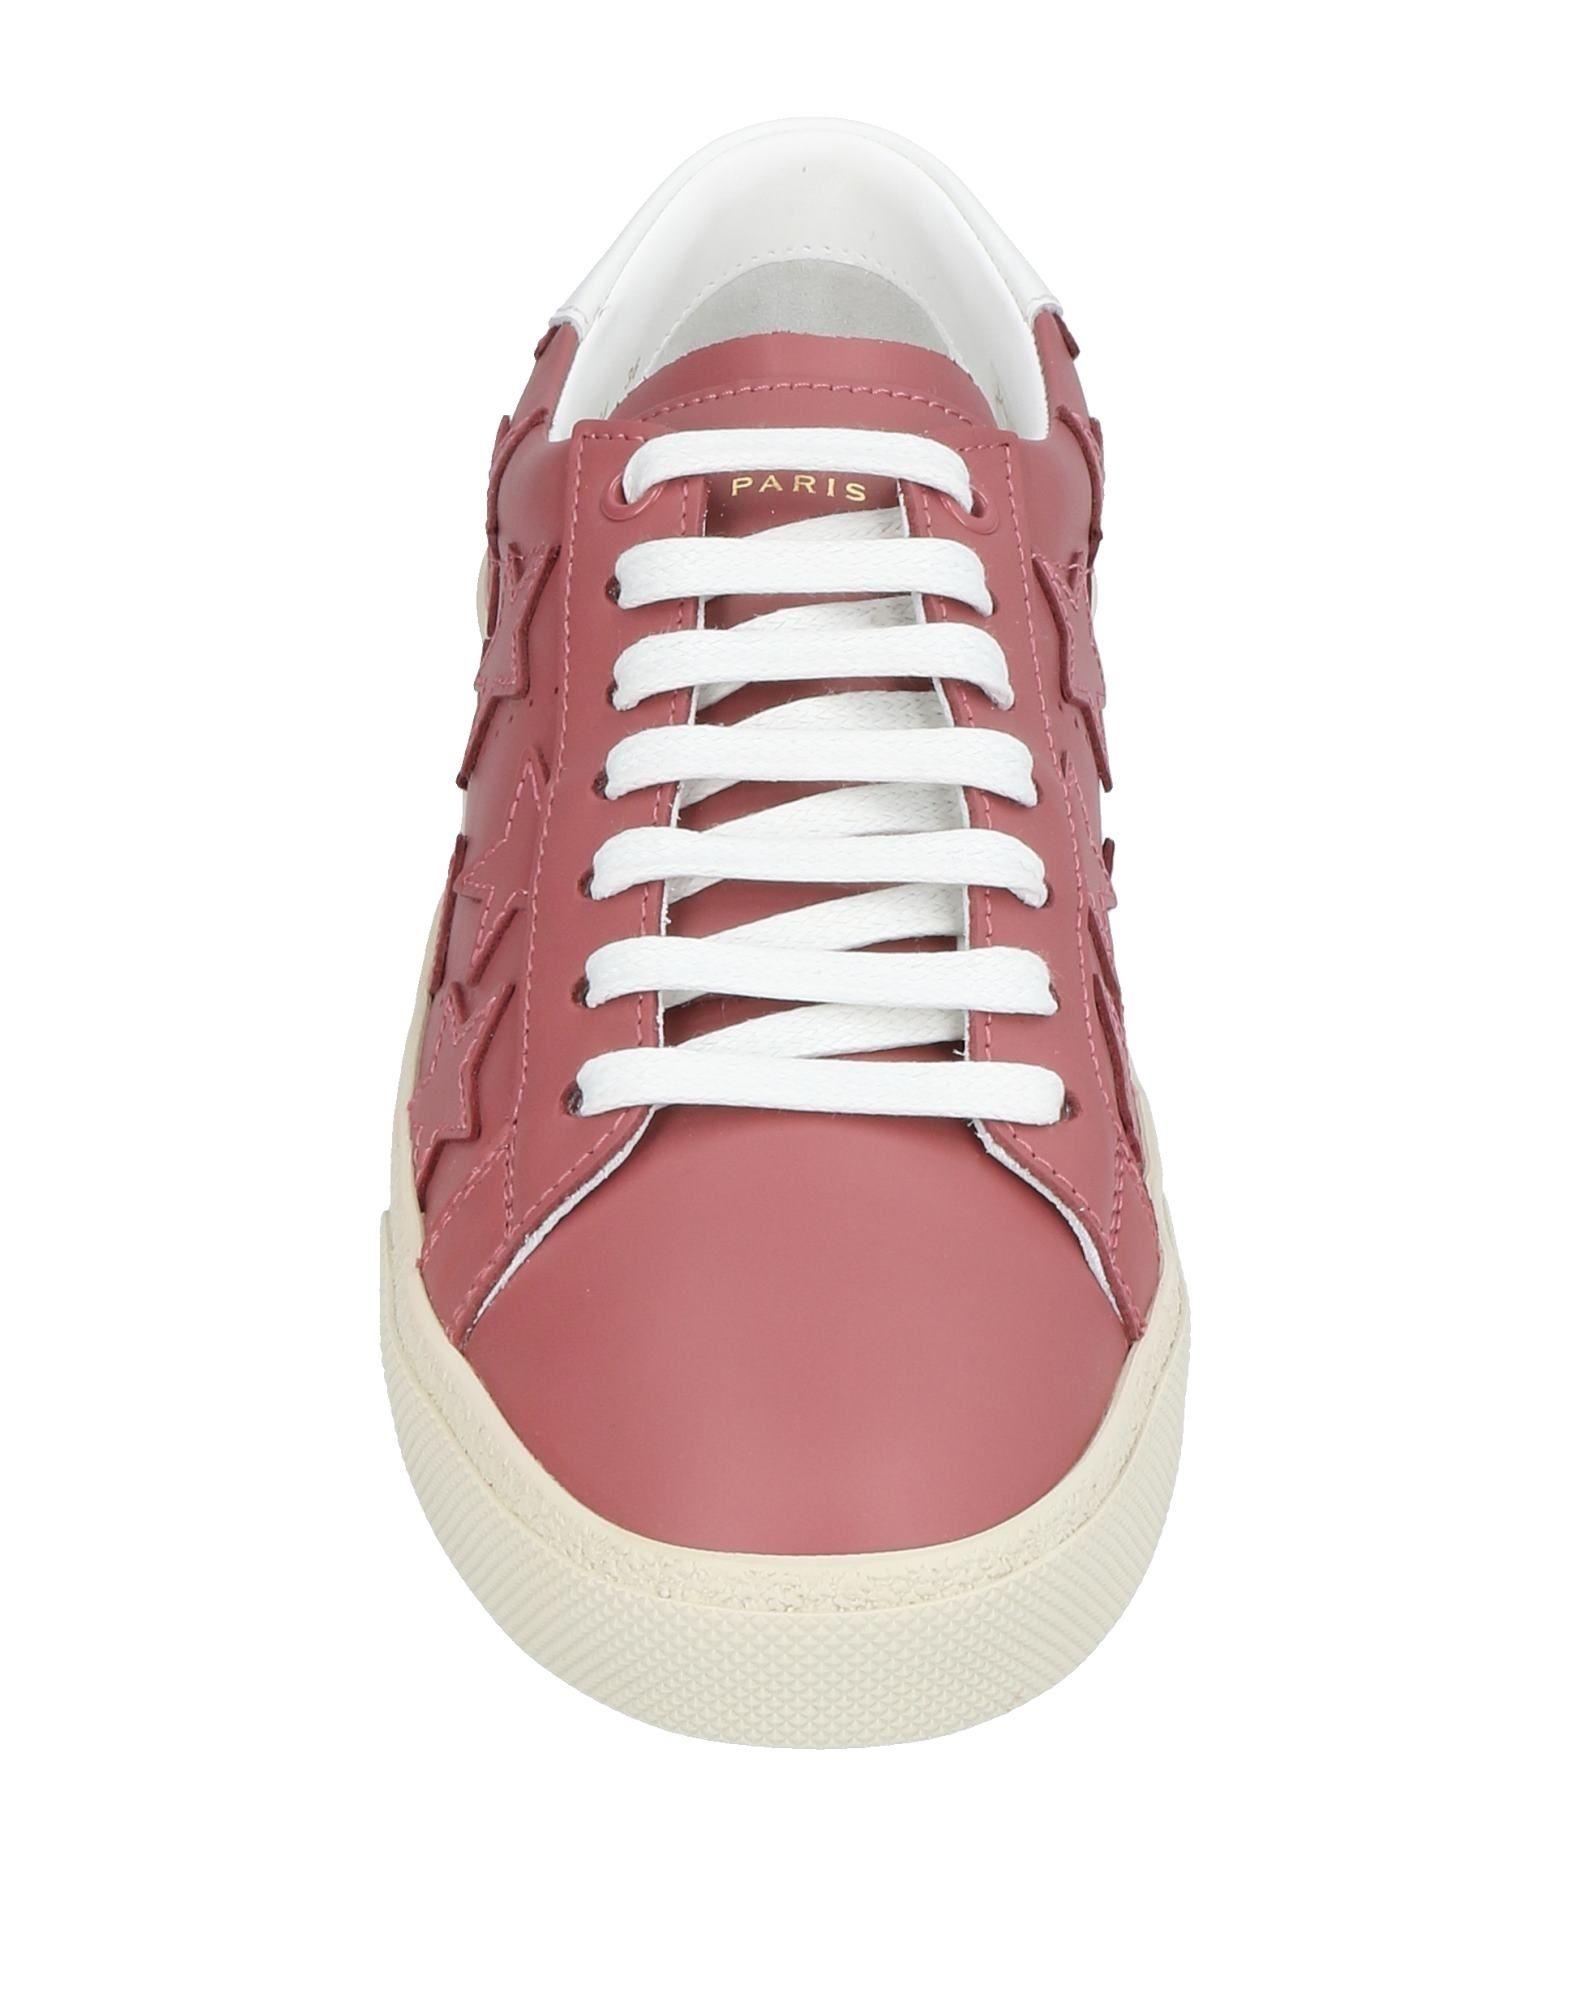 Rabatt Damen Schuhe Saint Laurent Sneakers Damen Rabatt  11463679SF 45f3e8